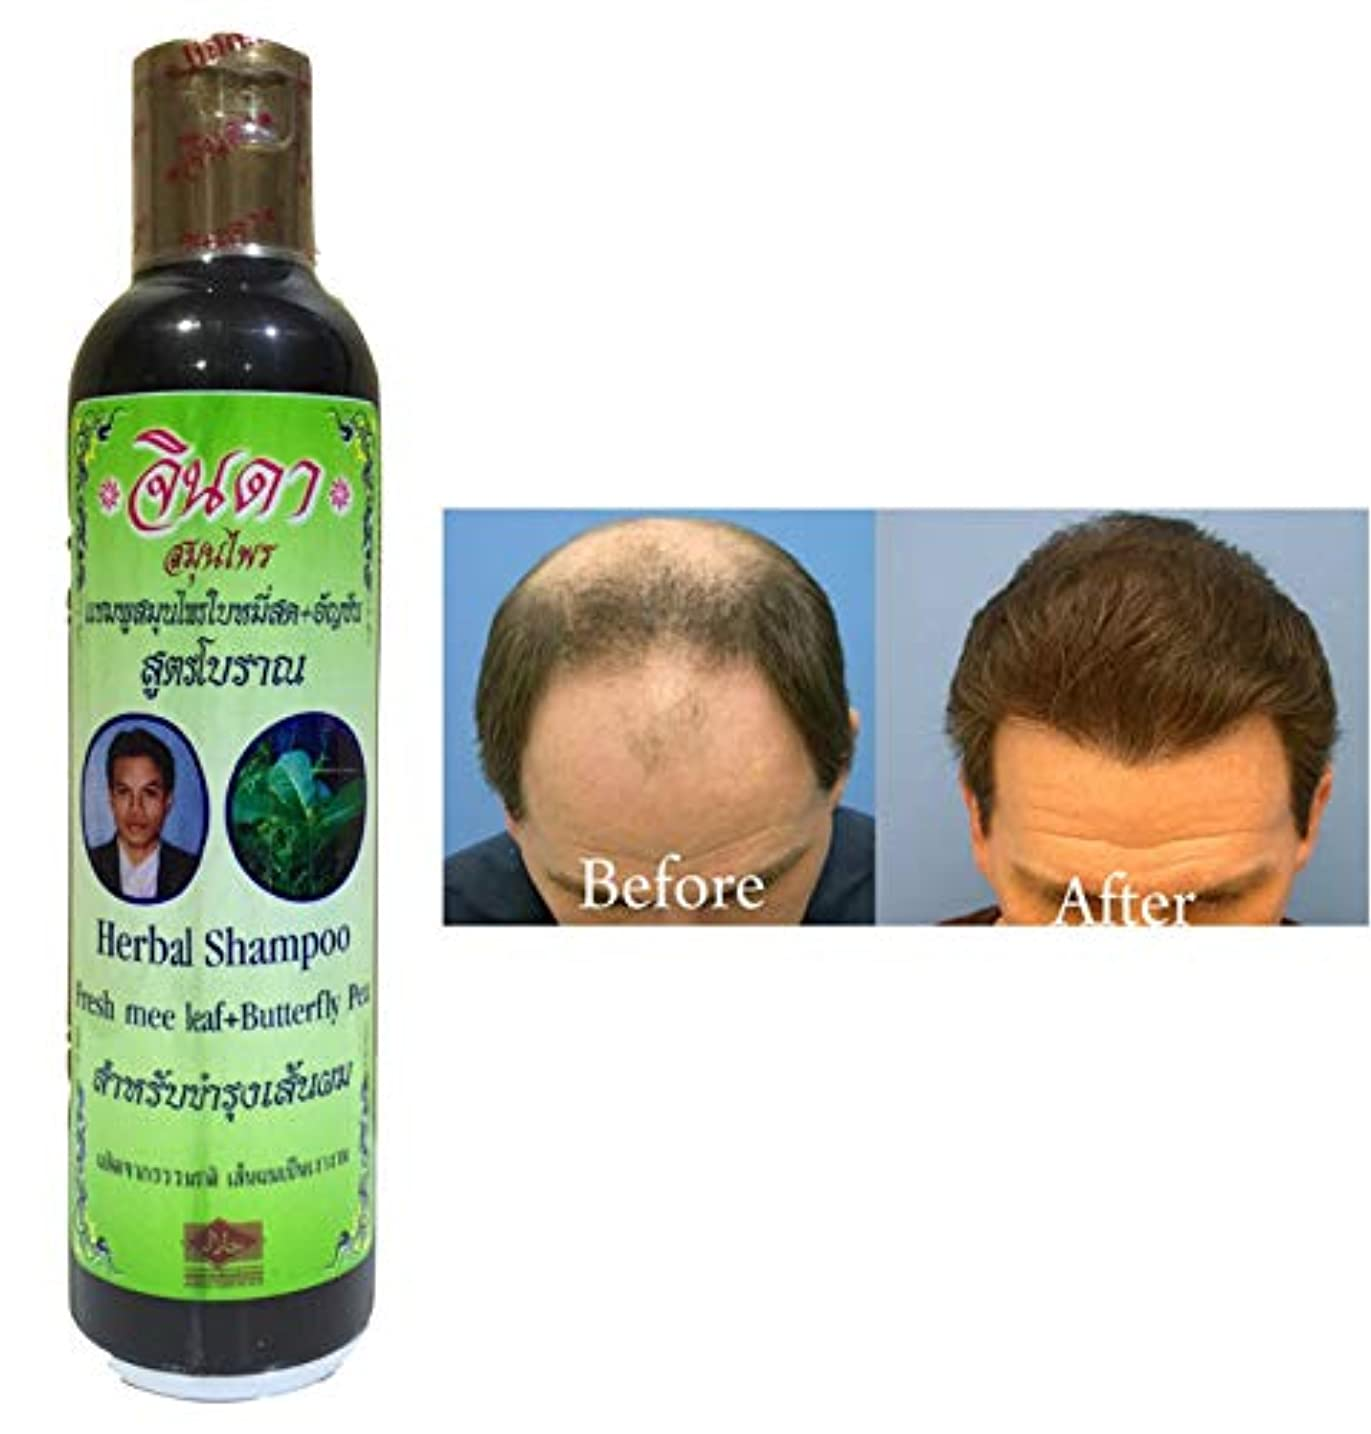 失業者ペネロペアーチNEW CHOICE: Jinda Herbal shampoo anti hair fall for men 250 ml.(fresh mee leaf+butterfly pea) Good products in...